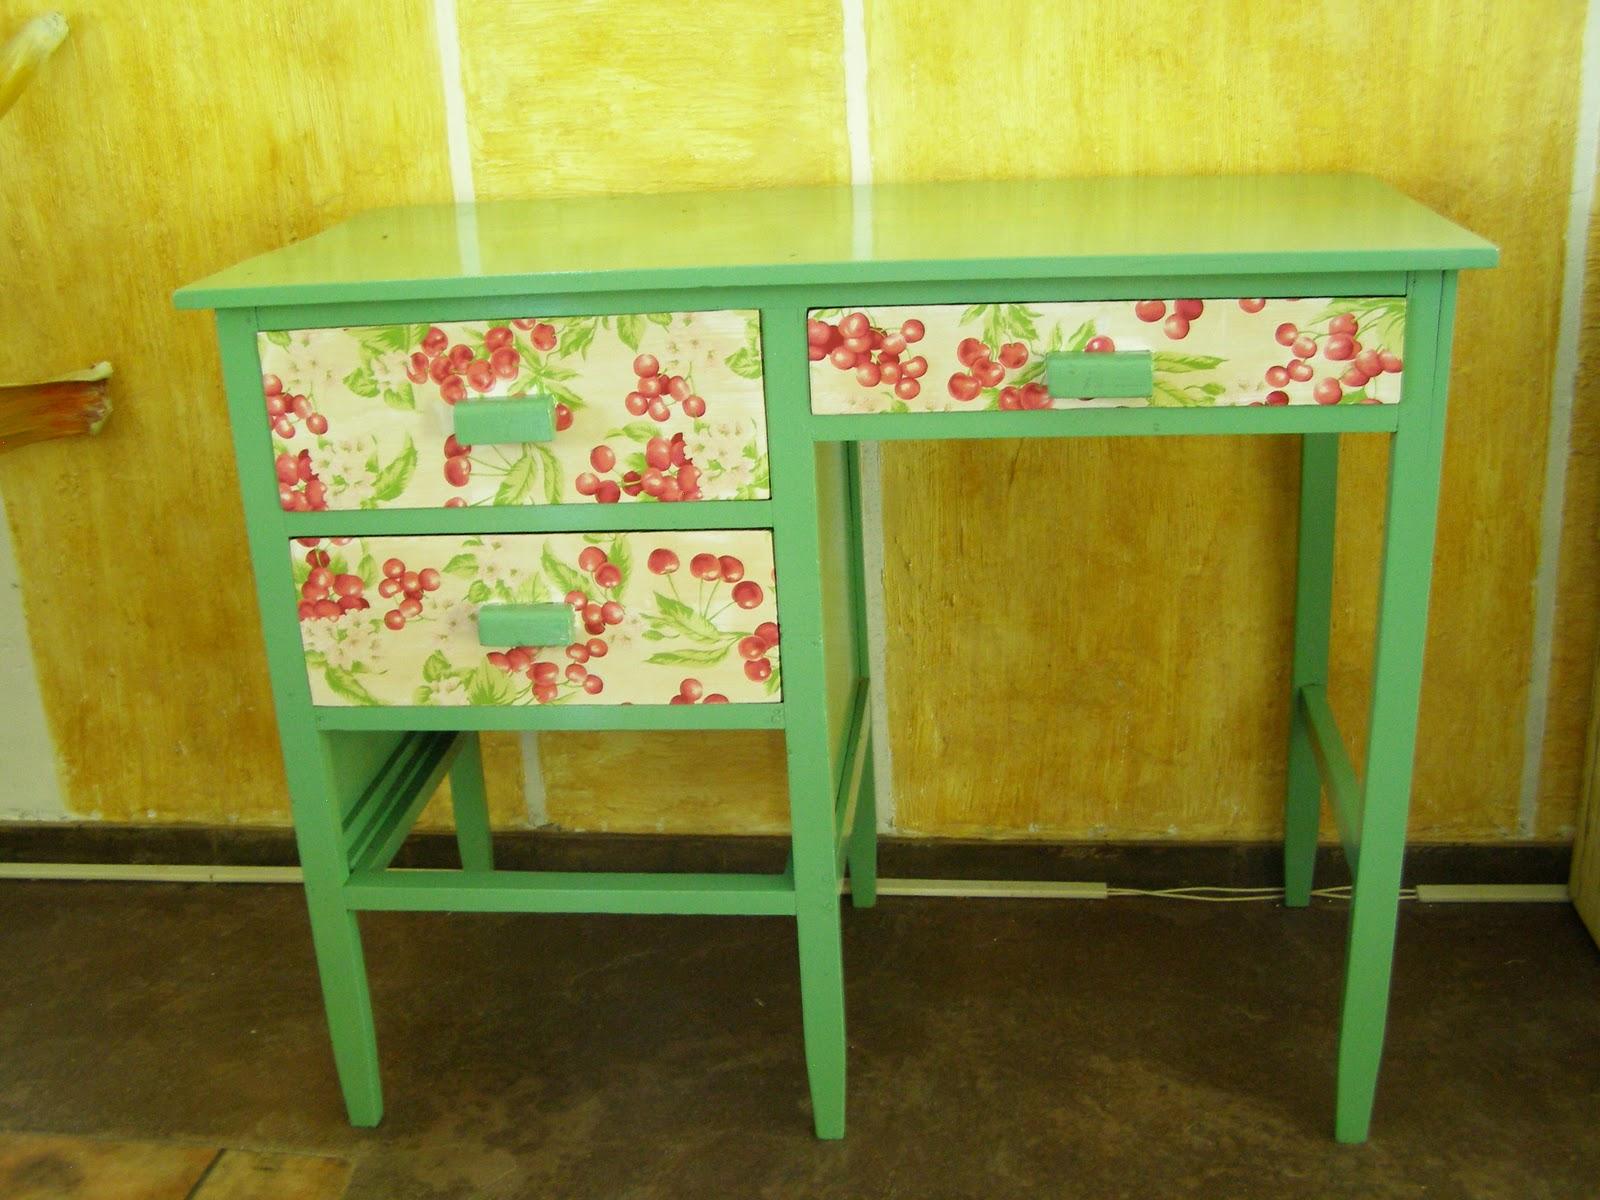 fiz uma cadeira com o mesmo tecido da escrivaninha pra fica munitin #634A10 1600x1200